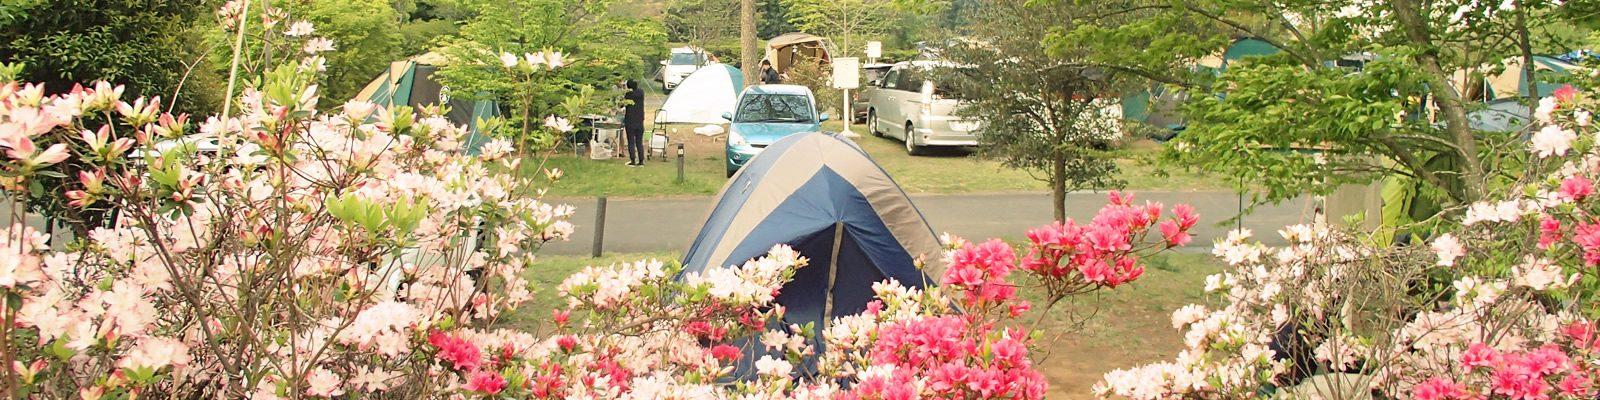 つくばねオートキャンプ場のキャンプ風景